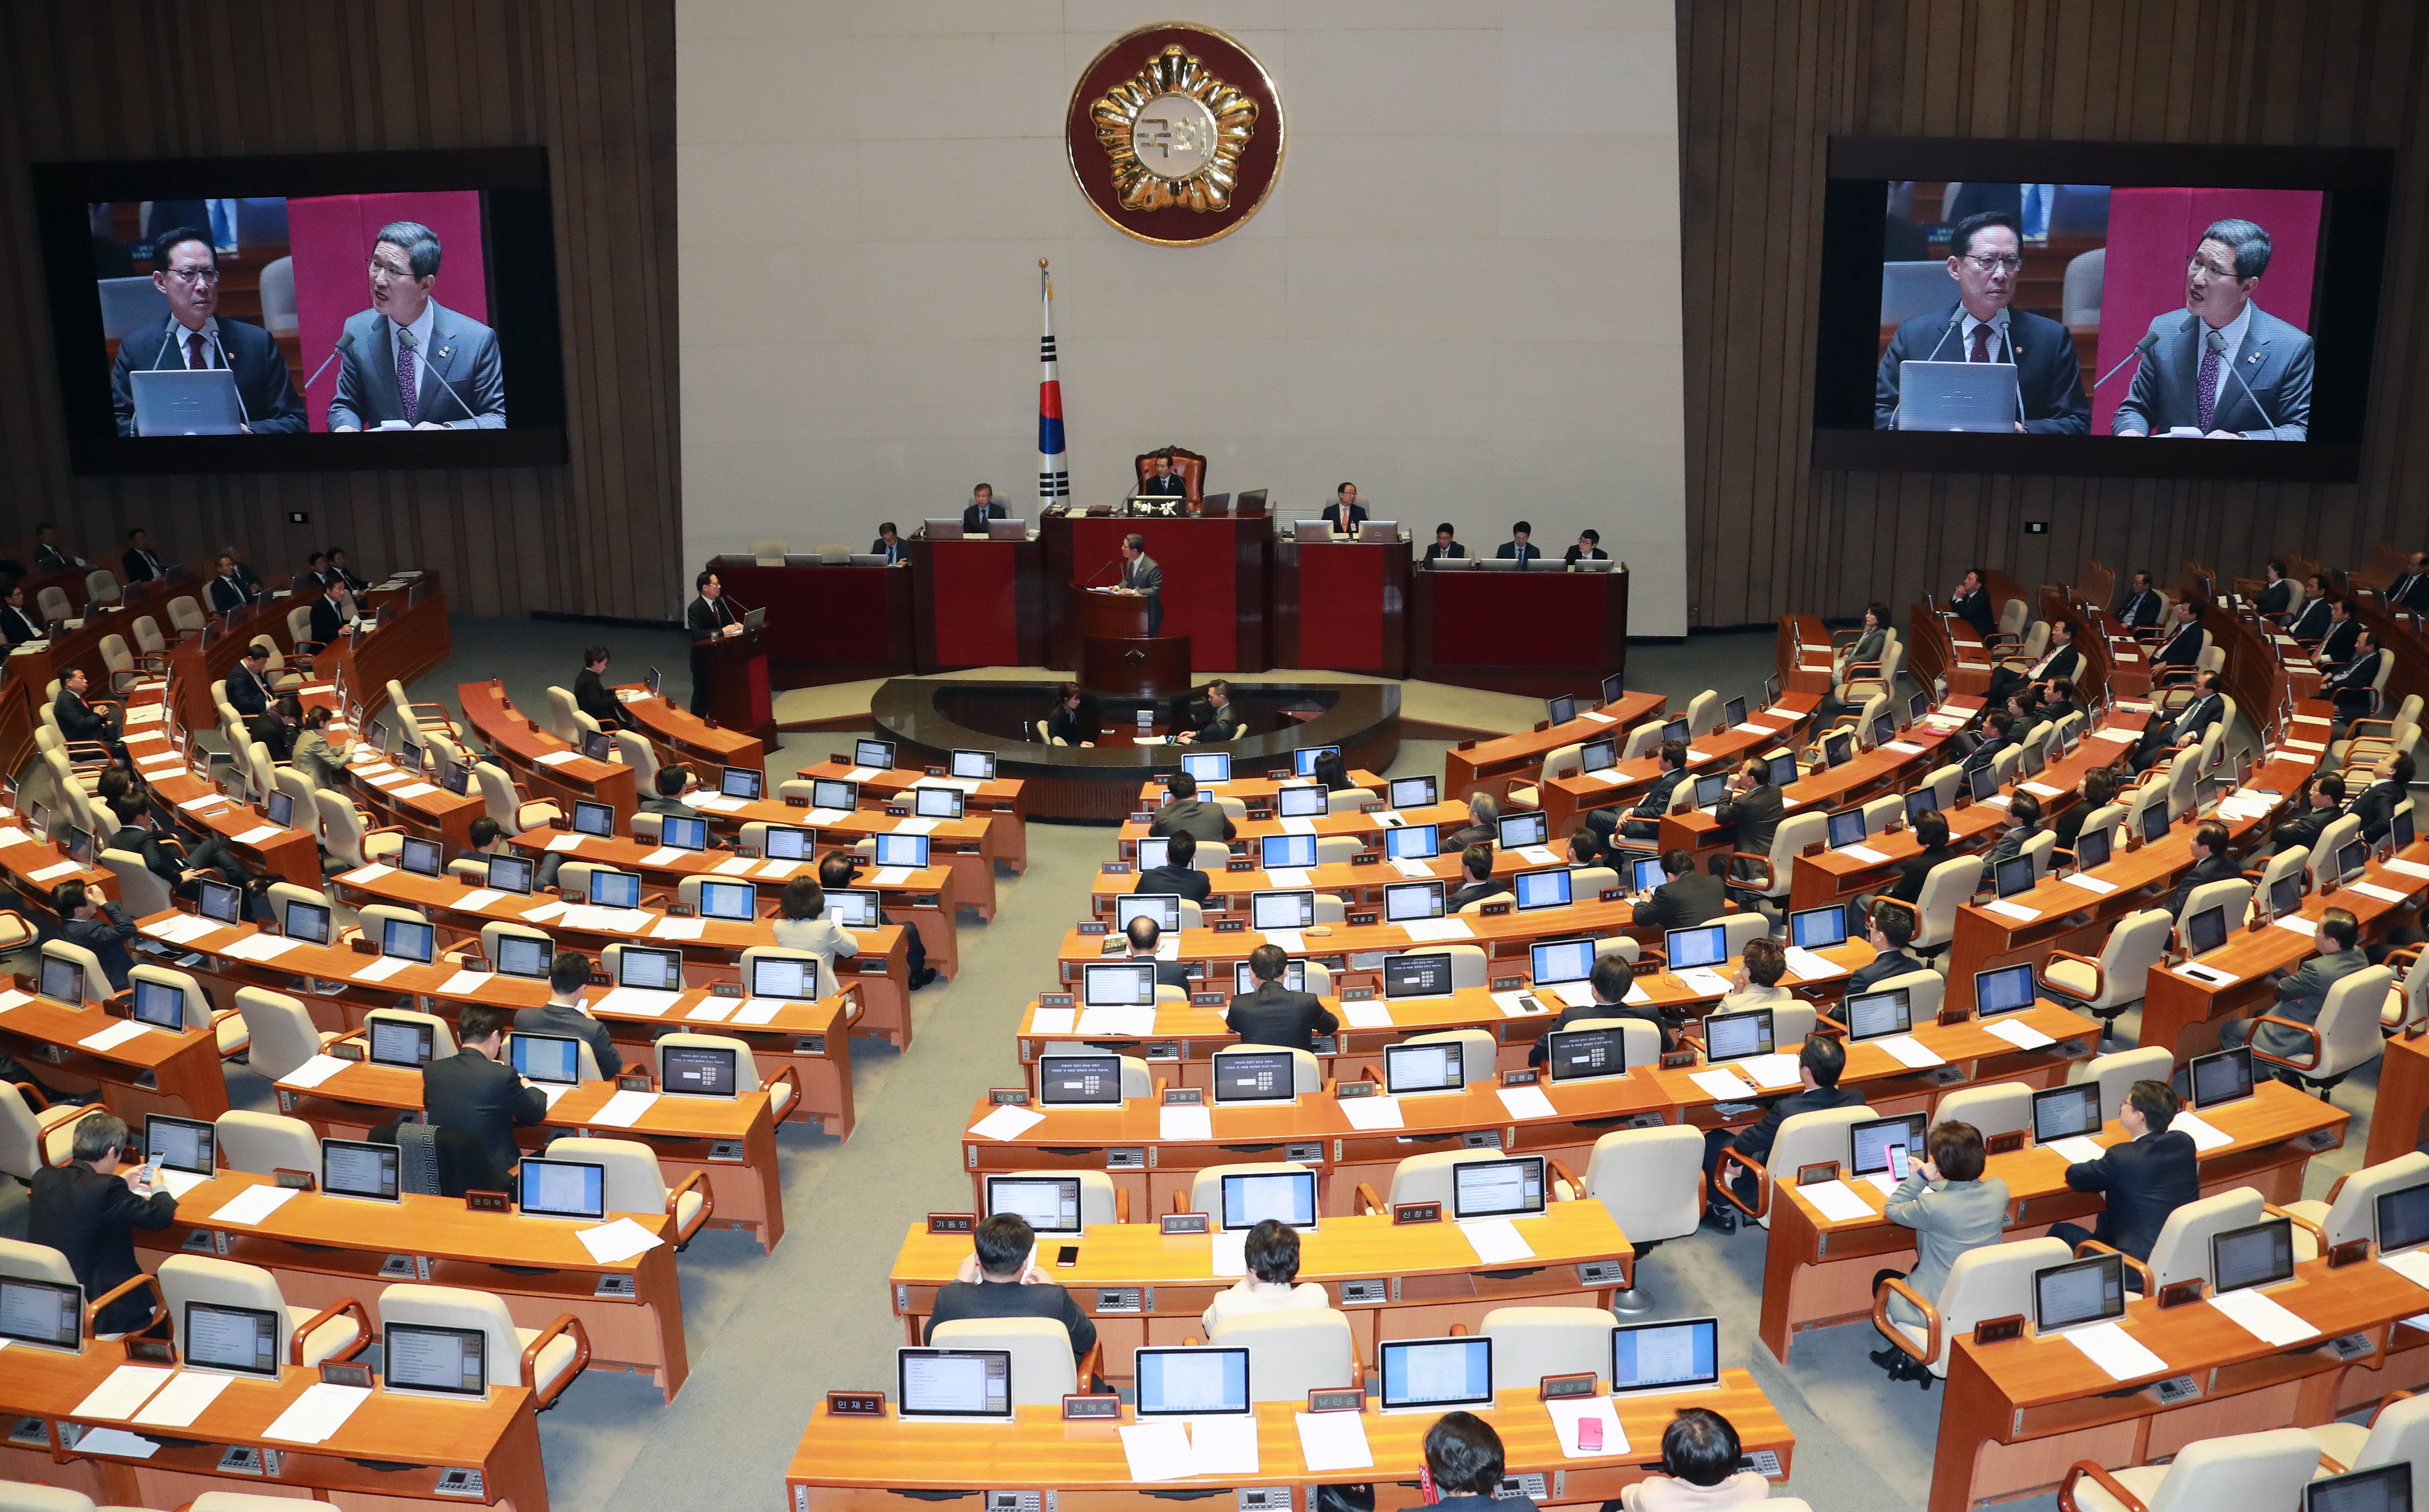 10만원 아동수당 너덜너덜해지기까지 야당과 여당이 국회에서 벌인